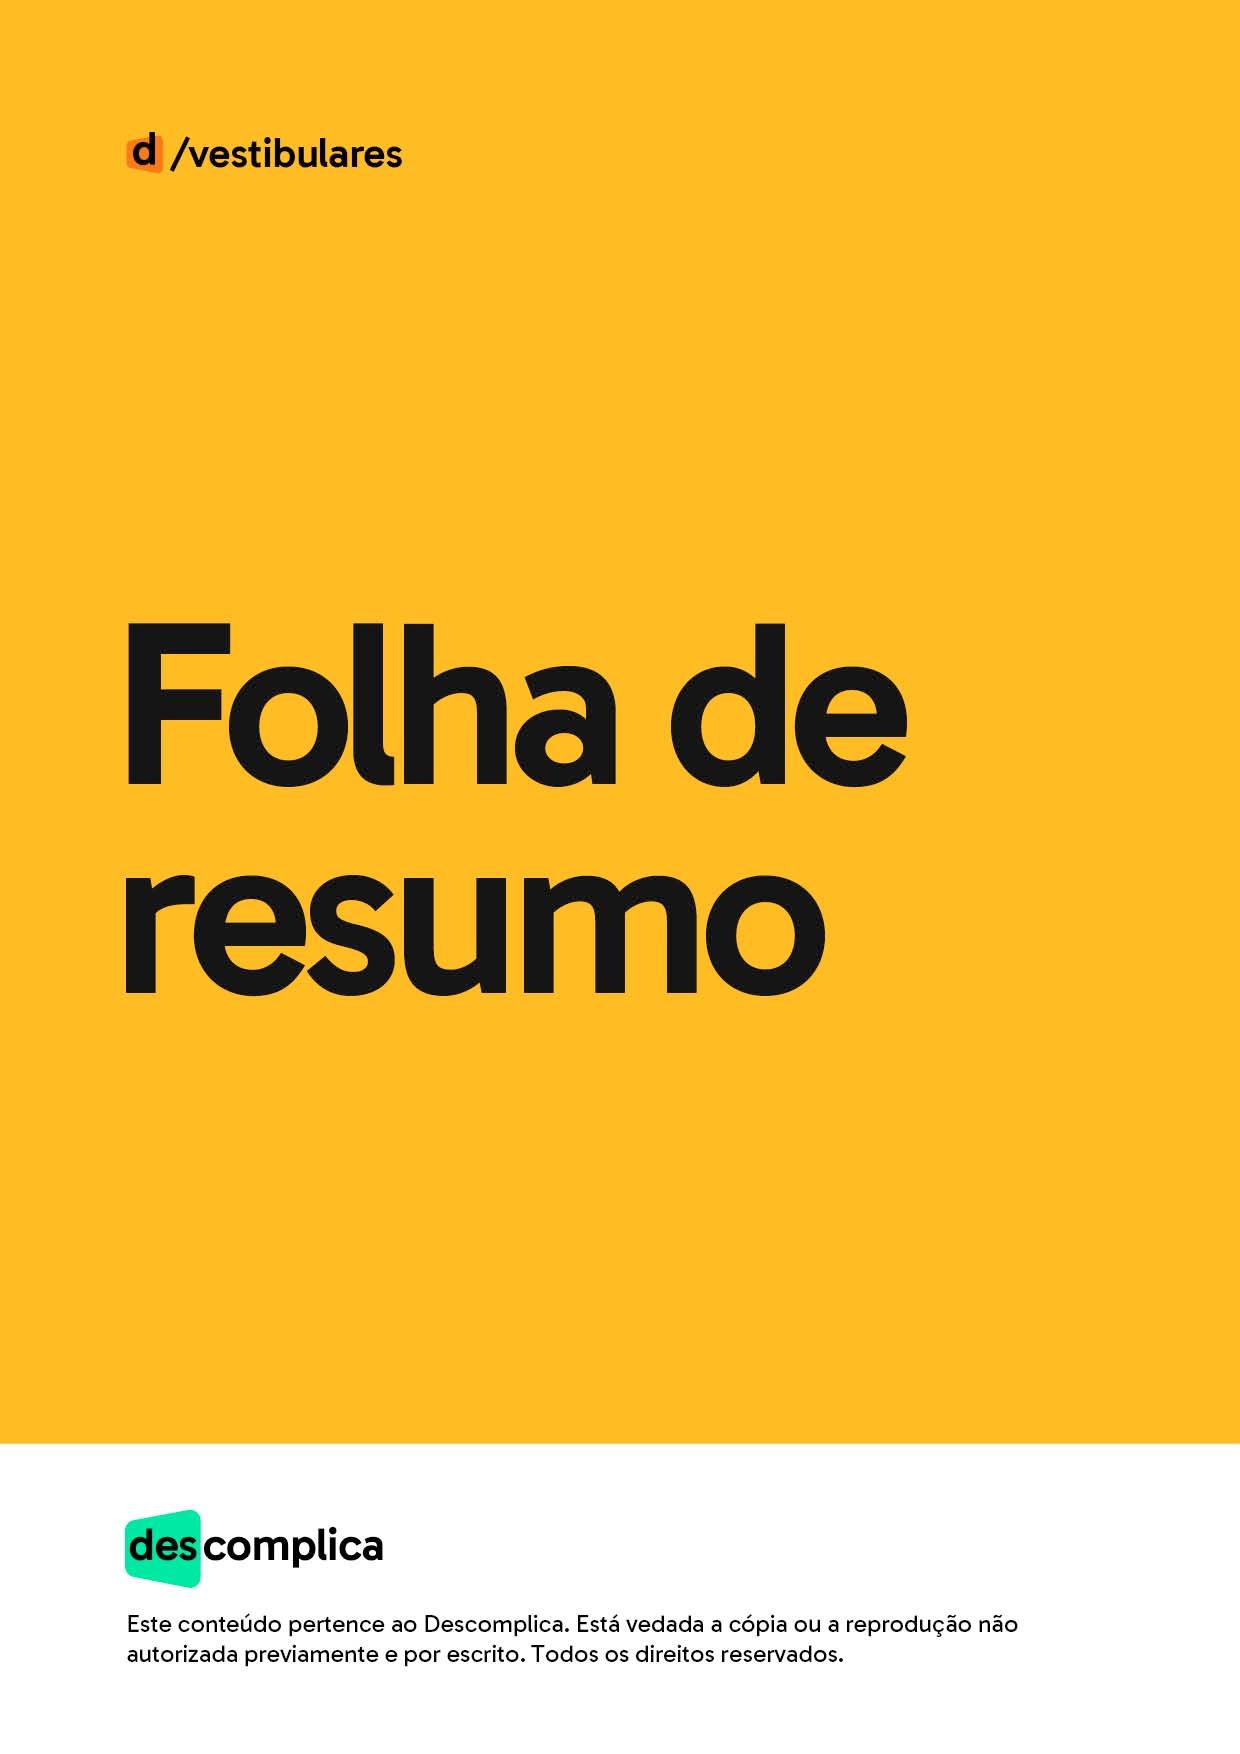 Folha-de-resumo-capa.jpg